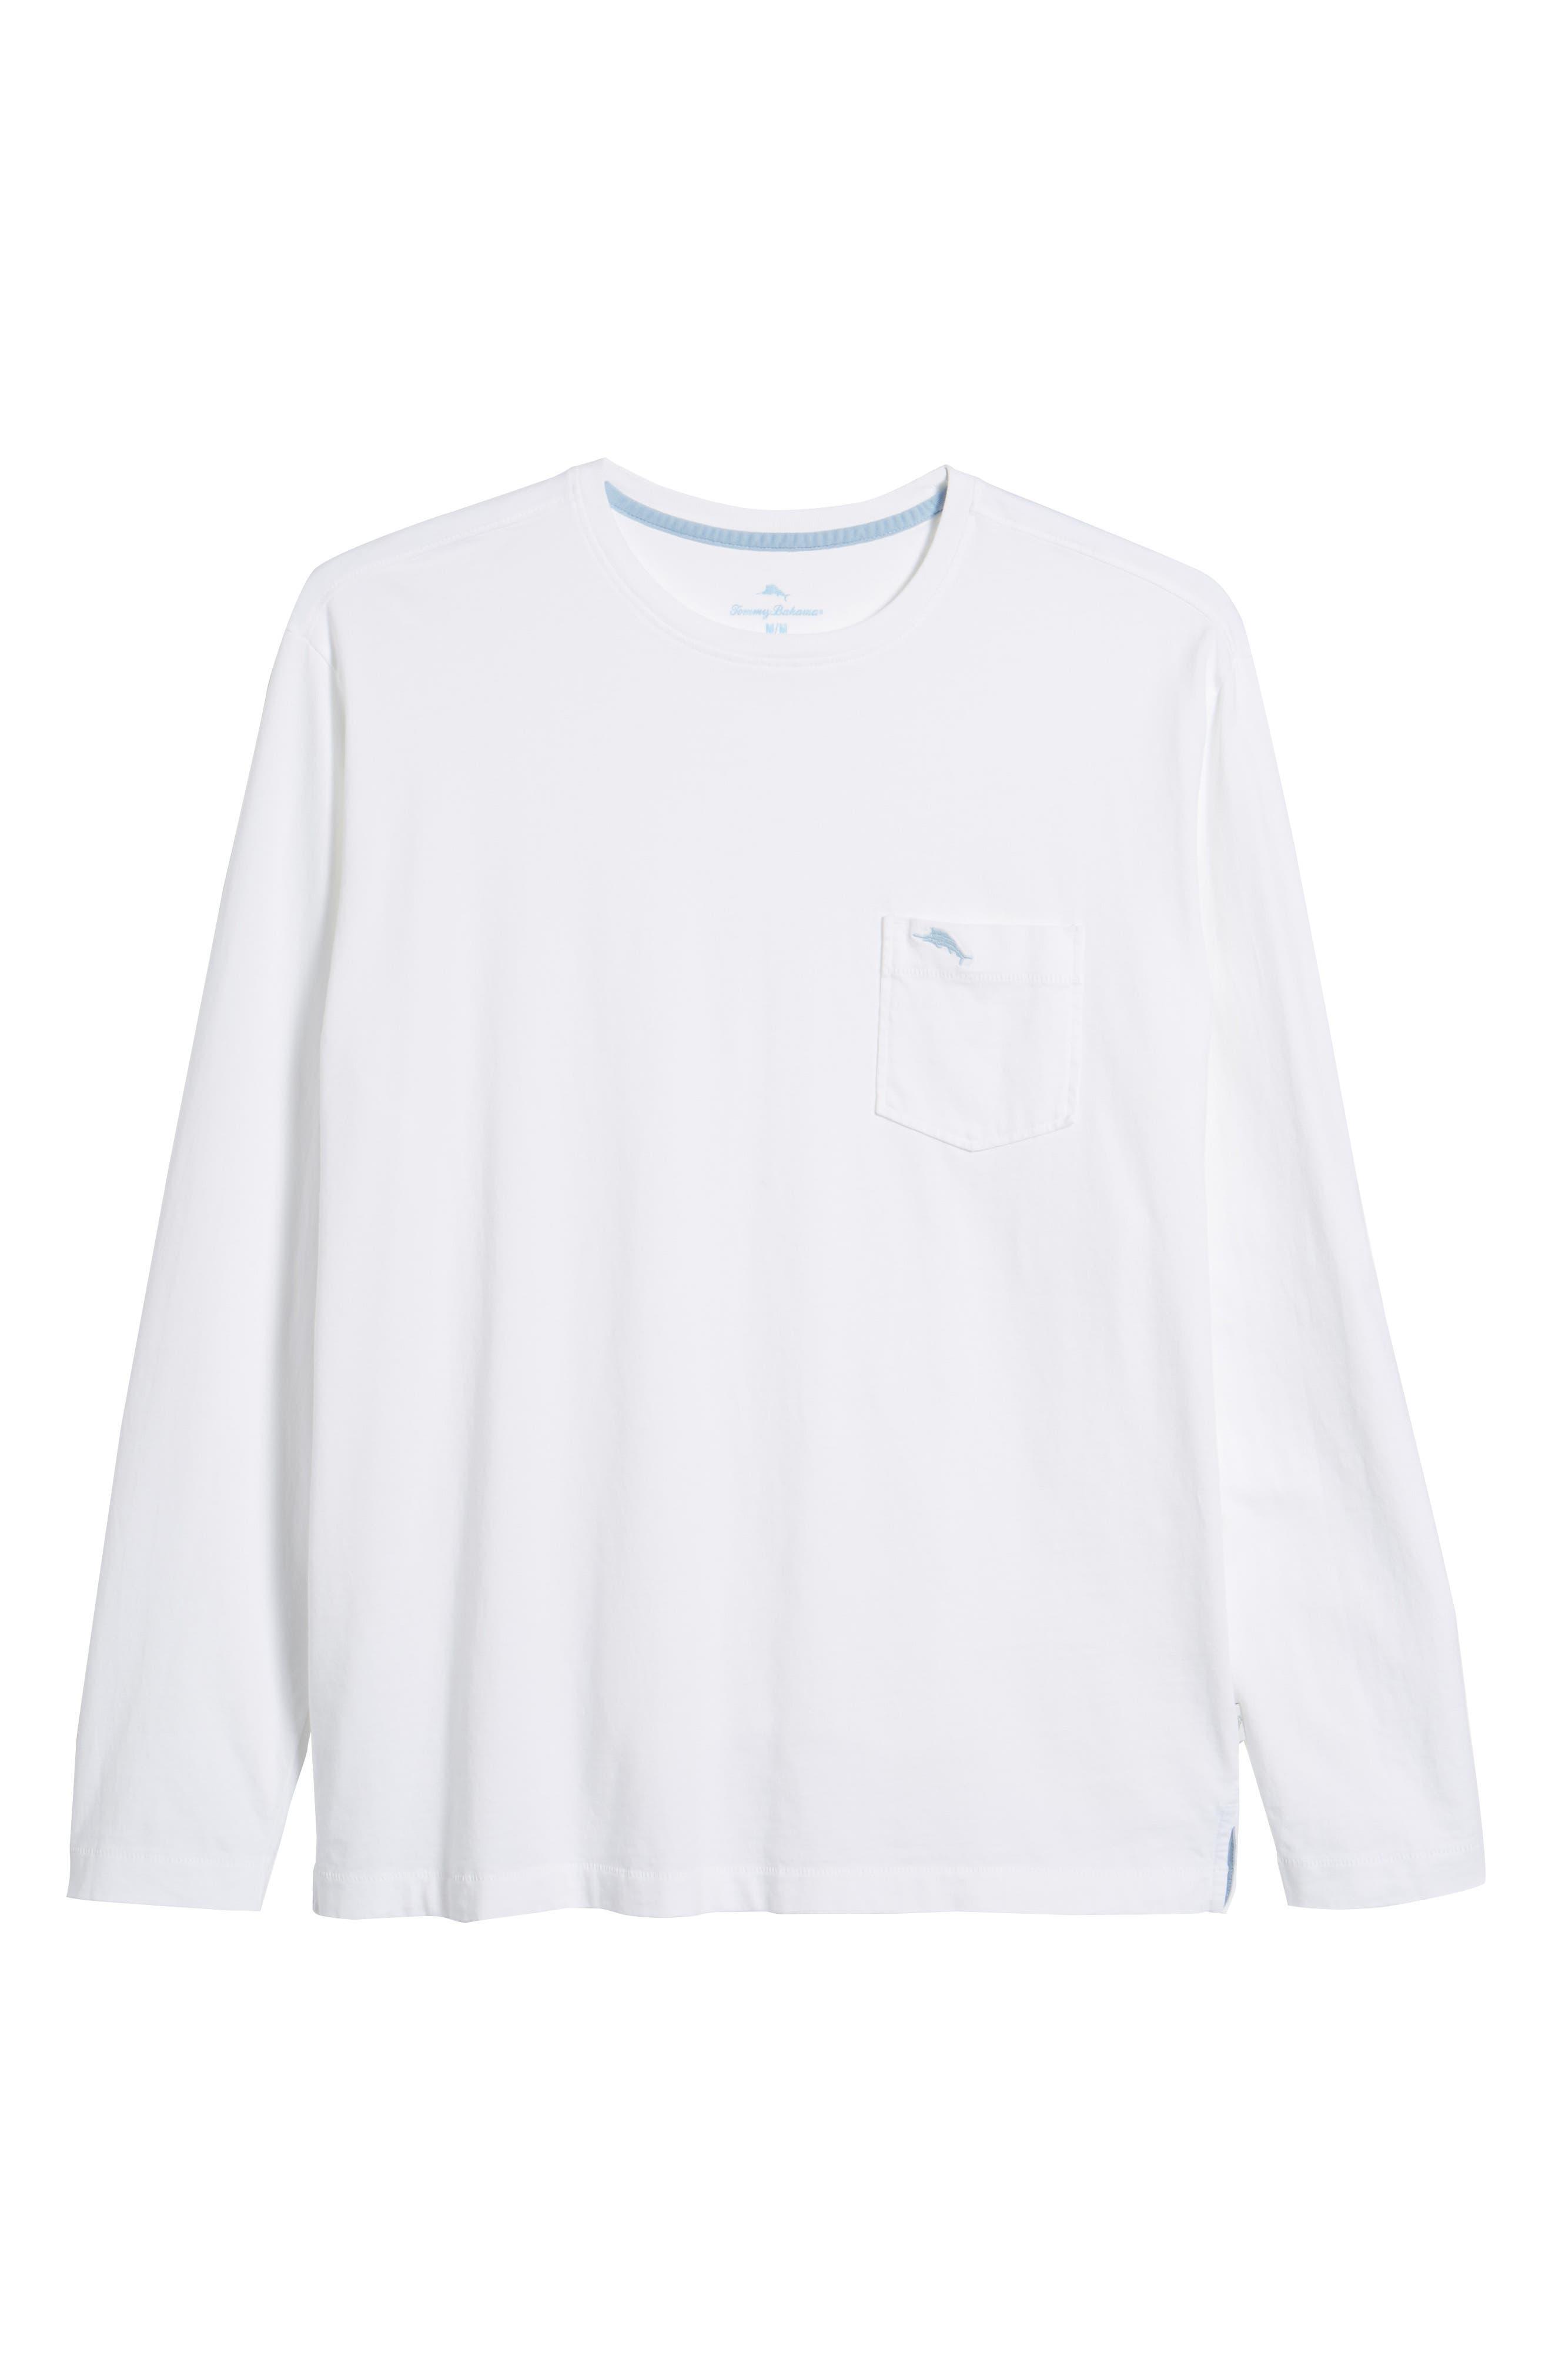 New Bali Skyline T-Shirt,                             Alternate thumbnail 6, color,                             White